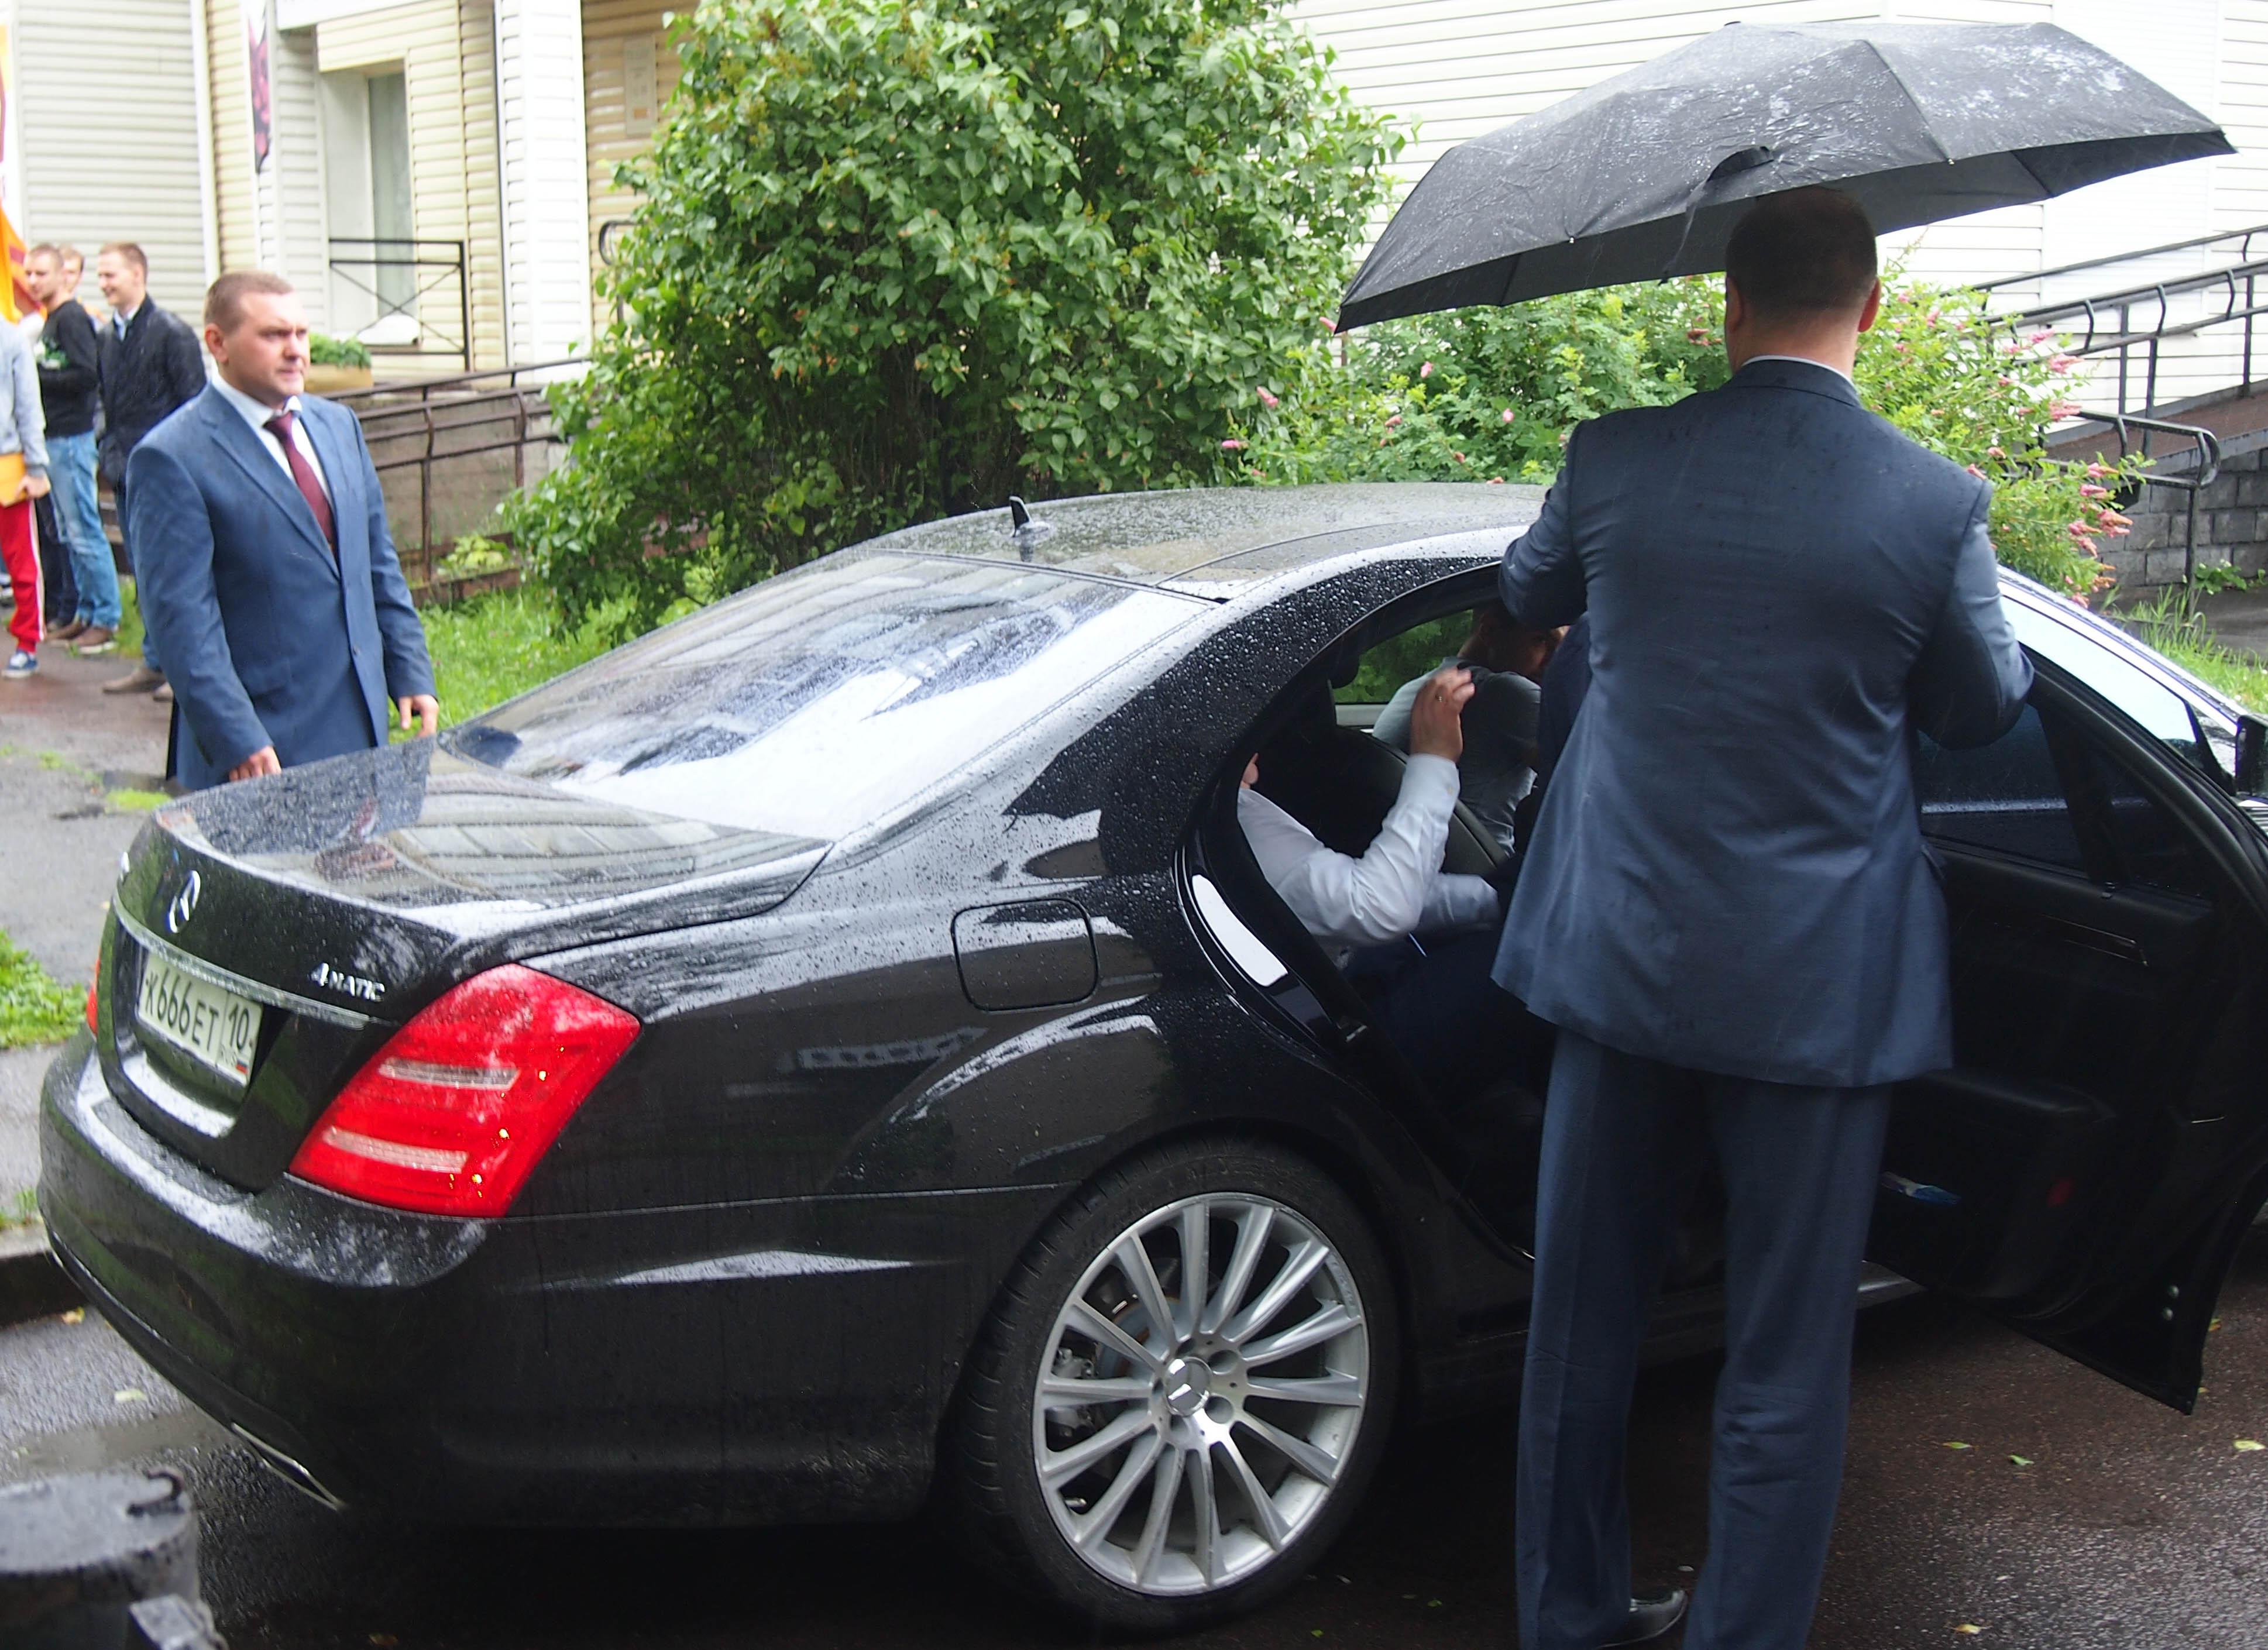 После встречи с гражданами Миронов отправился на пресс-конференцию. Фото: Валерий Поташов